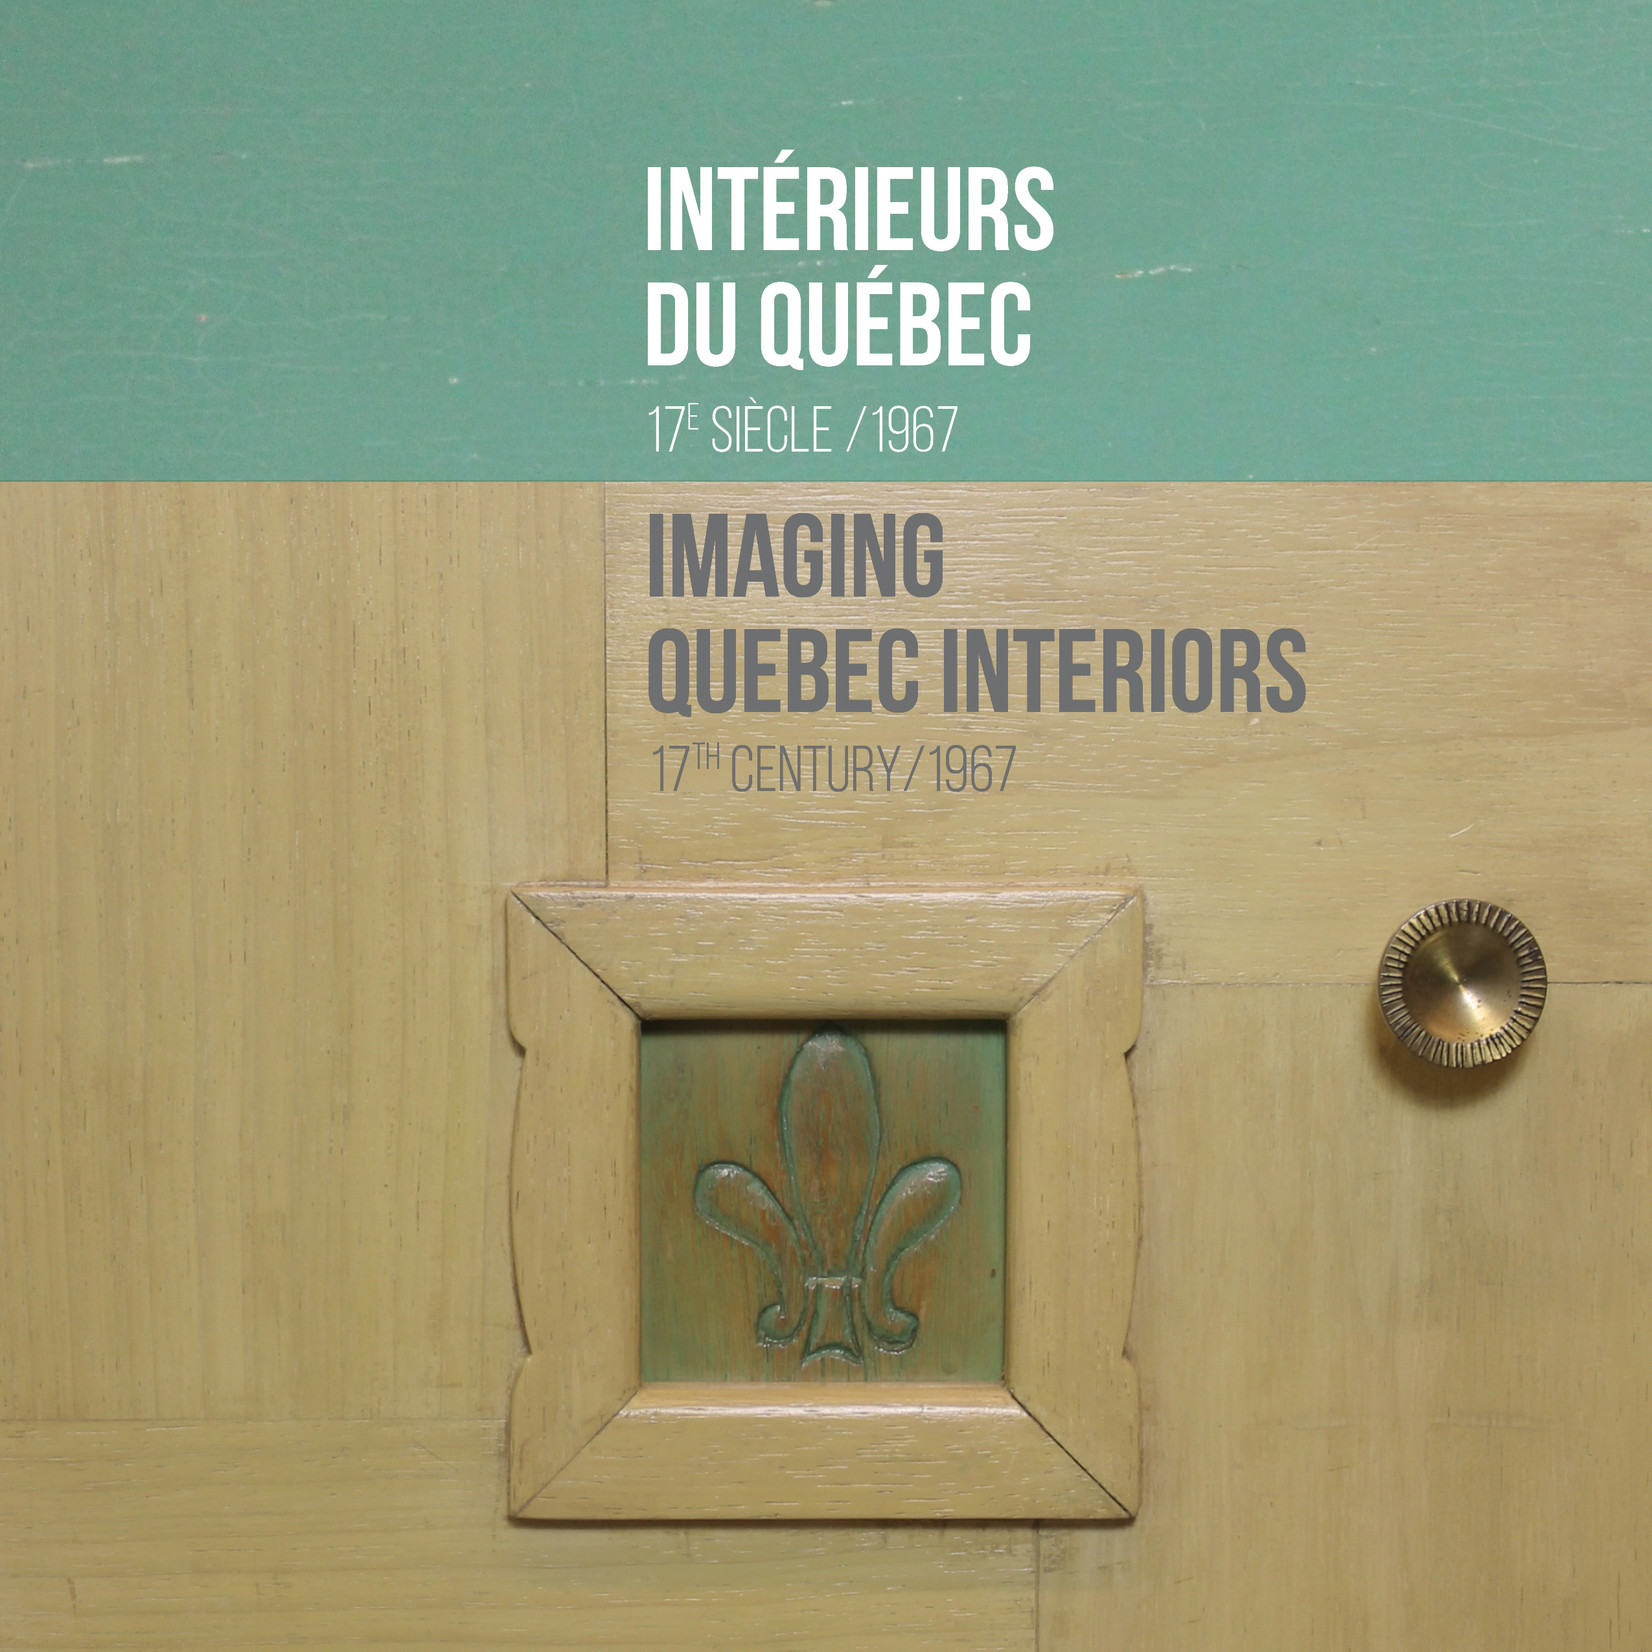 Imaging Quebec Interiors  - 17th Century / 1967